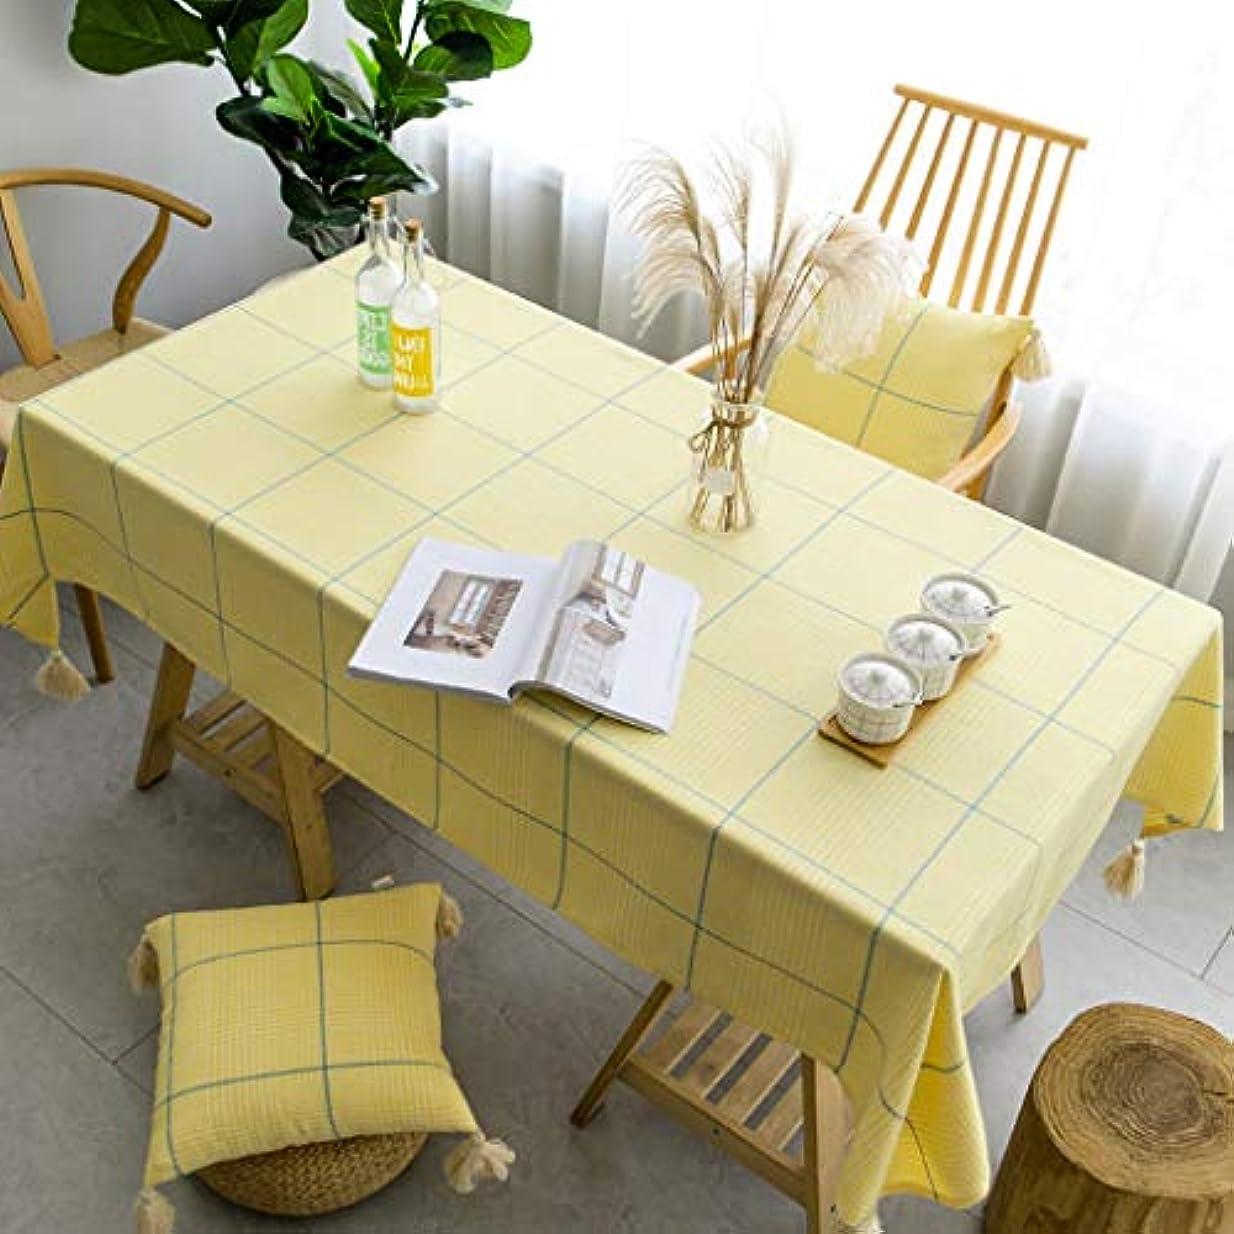 鉛マスタードとても多くのホームデコレーションキッチンガーデン屋外のために使用される長方形テーブルクロス、チェック柄のコットン生地テーブルクロス、 (Color : Yellow, Size : 130*180cm)